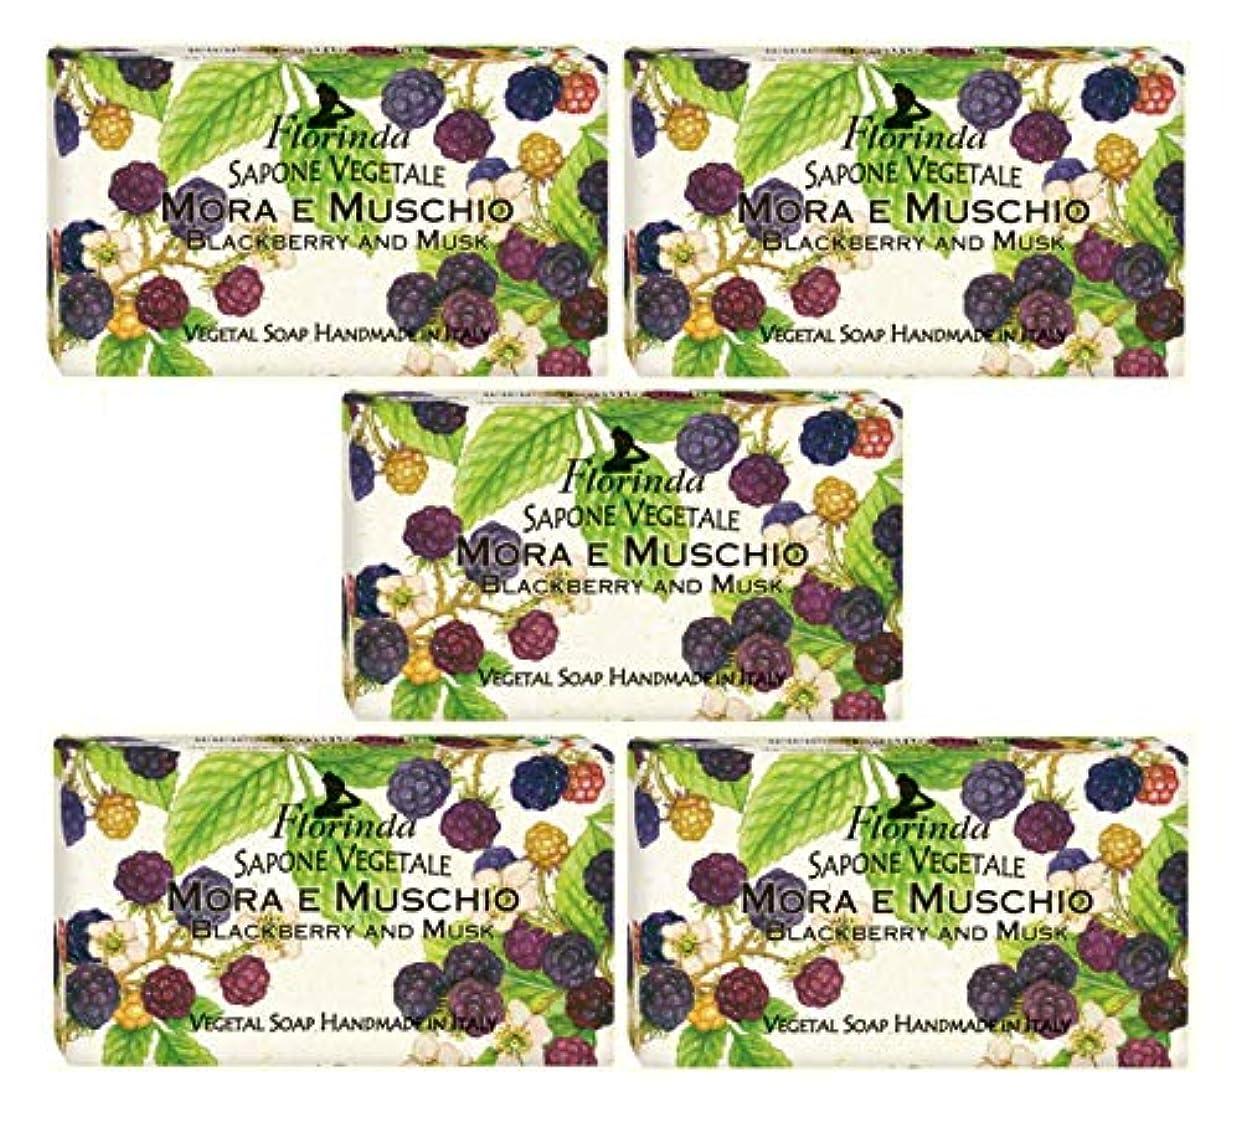 パン屋セクタ置くためにパックフロリンダ フレグランスソープ 固形石けん フルーツの香り ブラックベリー&ムスク 95g×5個セット